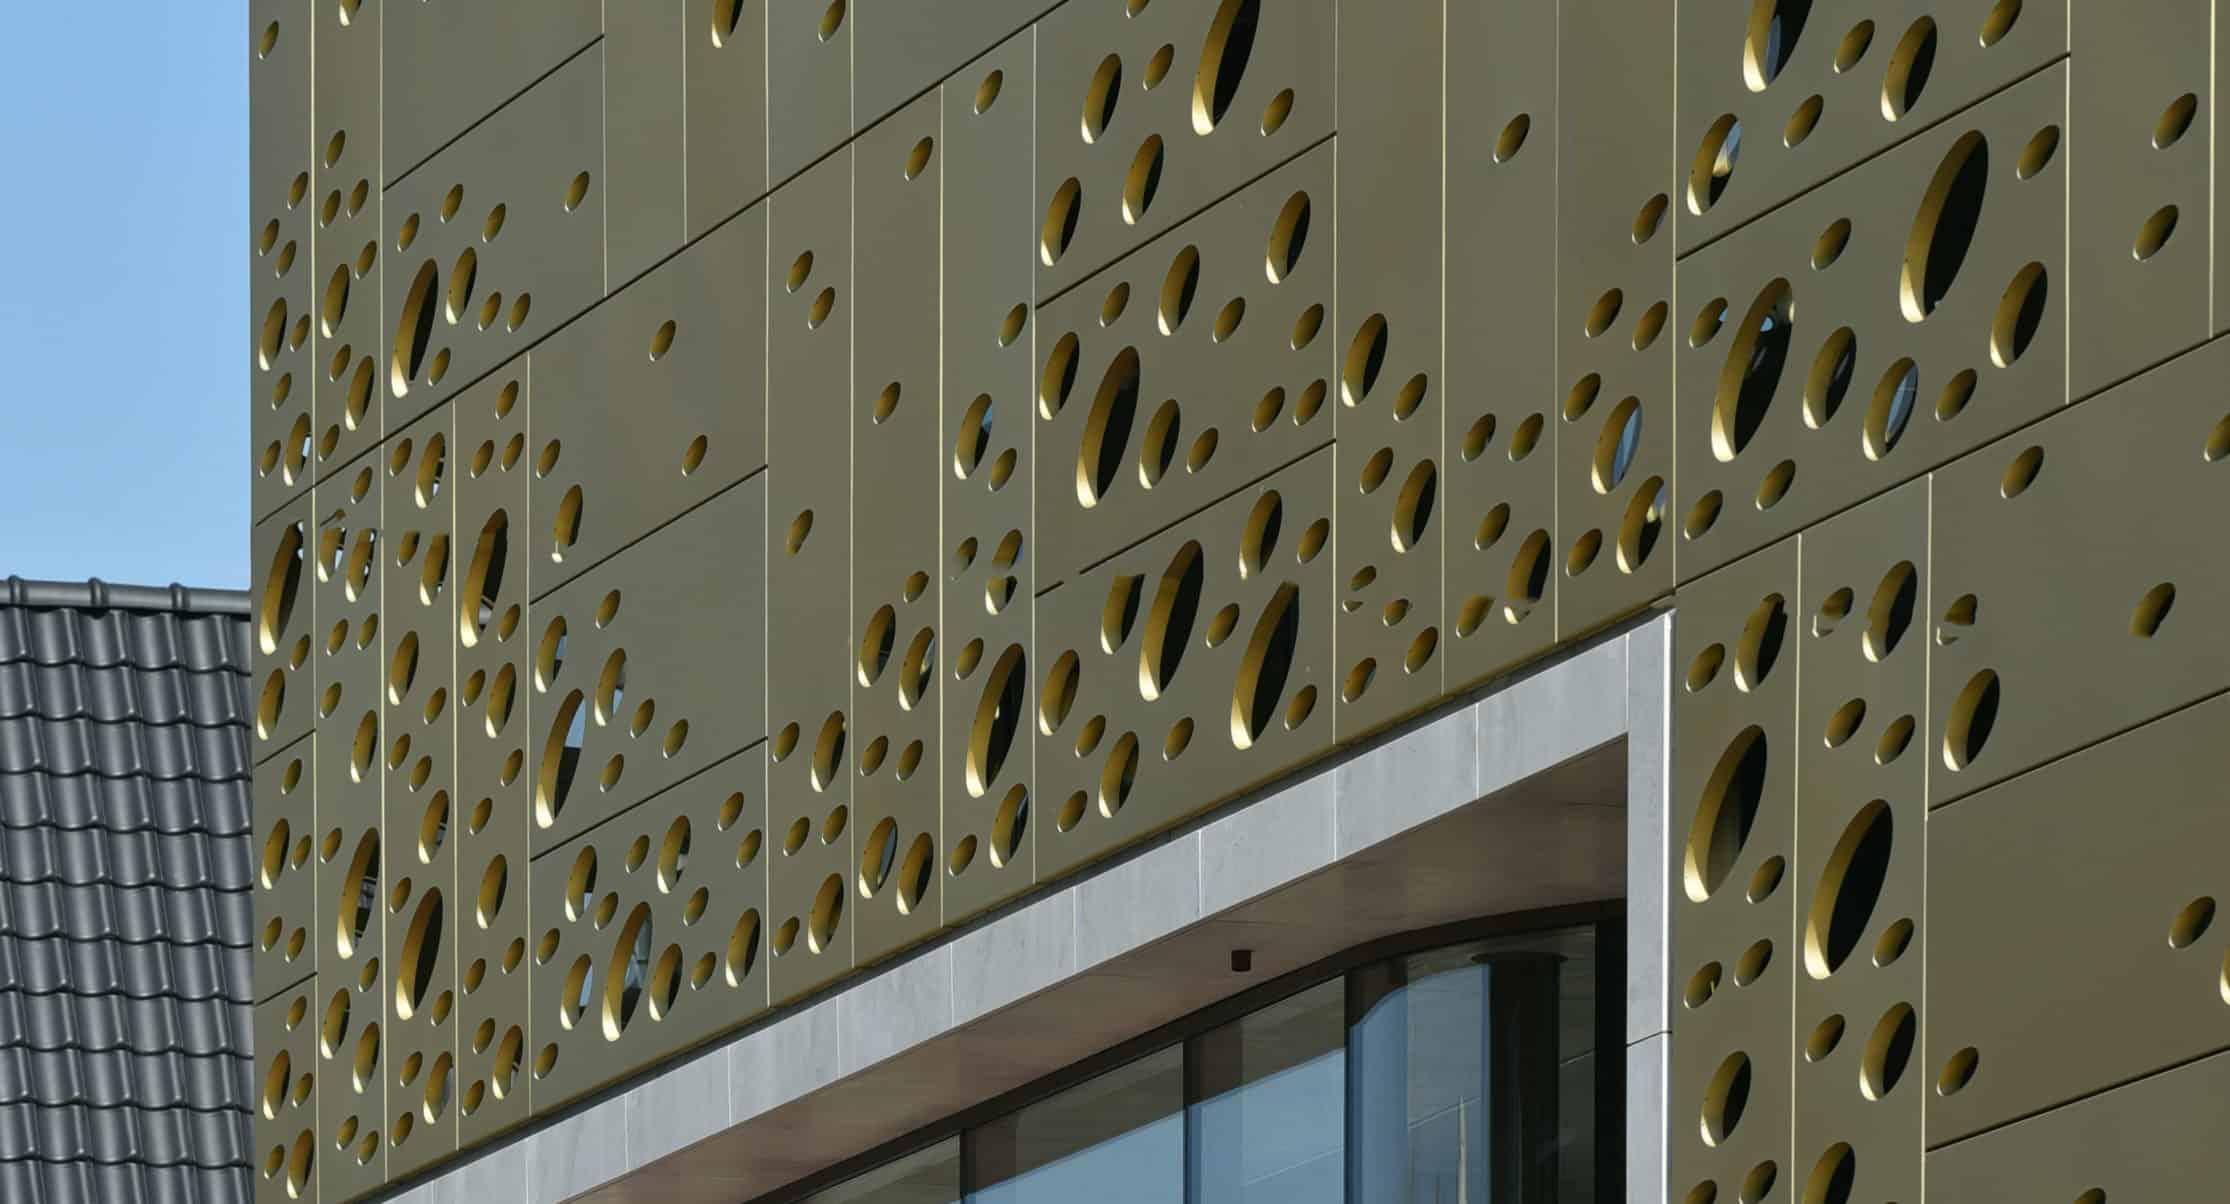 Formatura_Designperforatie_Kalanderstraat_Enschede_5